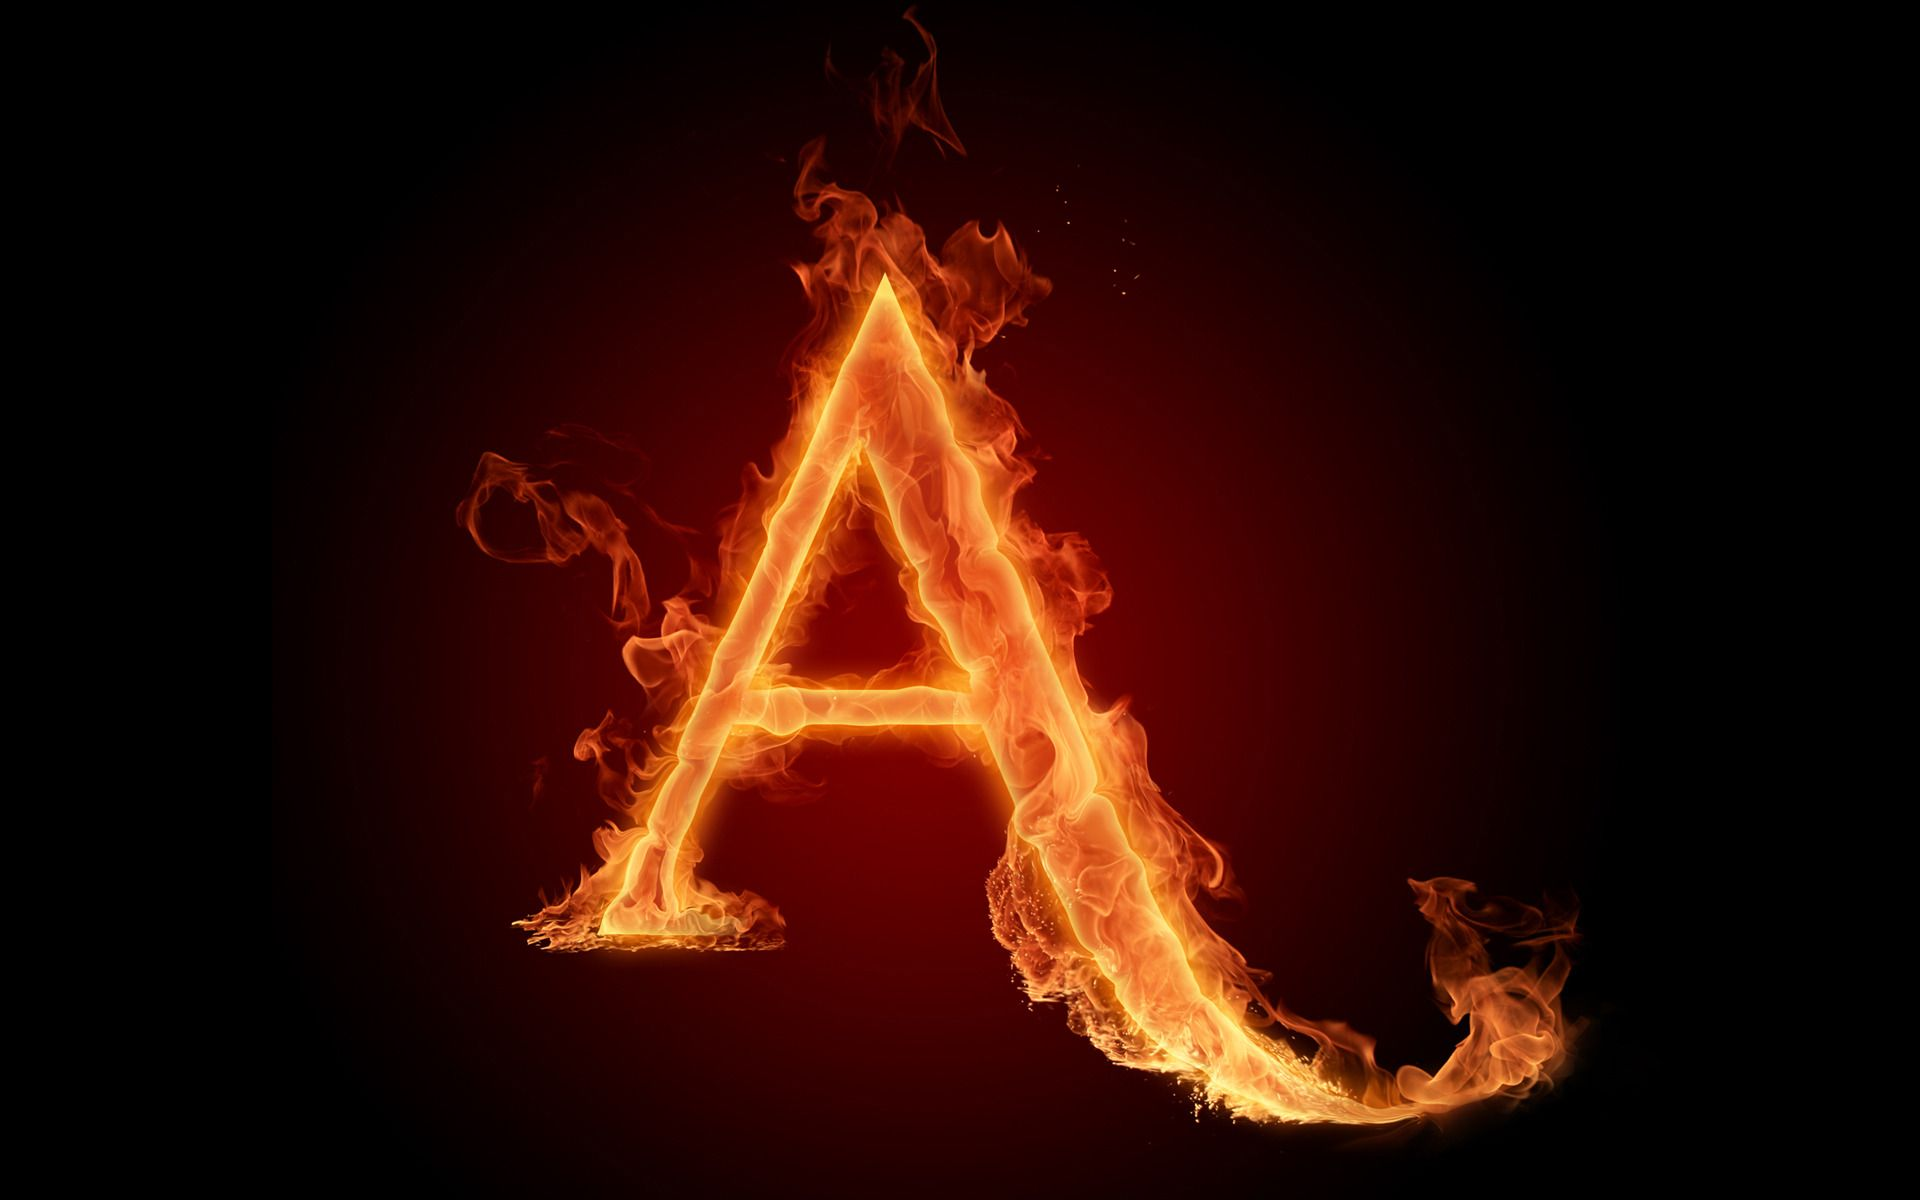 D Alphabet Wallpaper HD Wallpapers The fier...